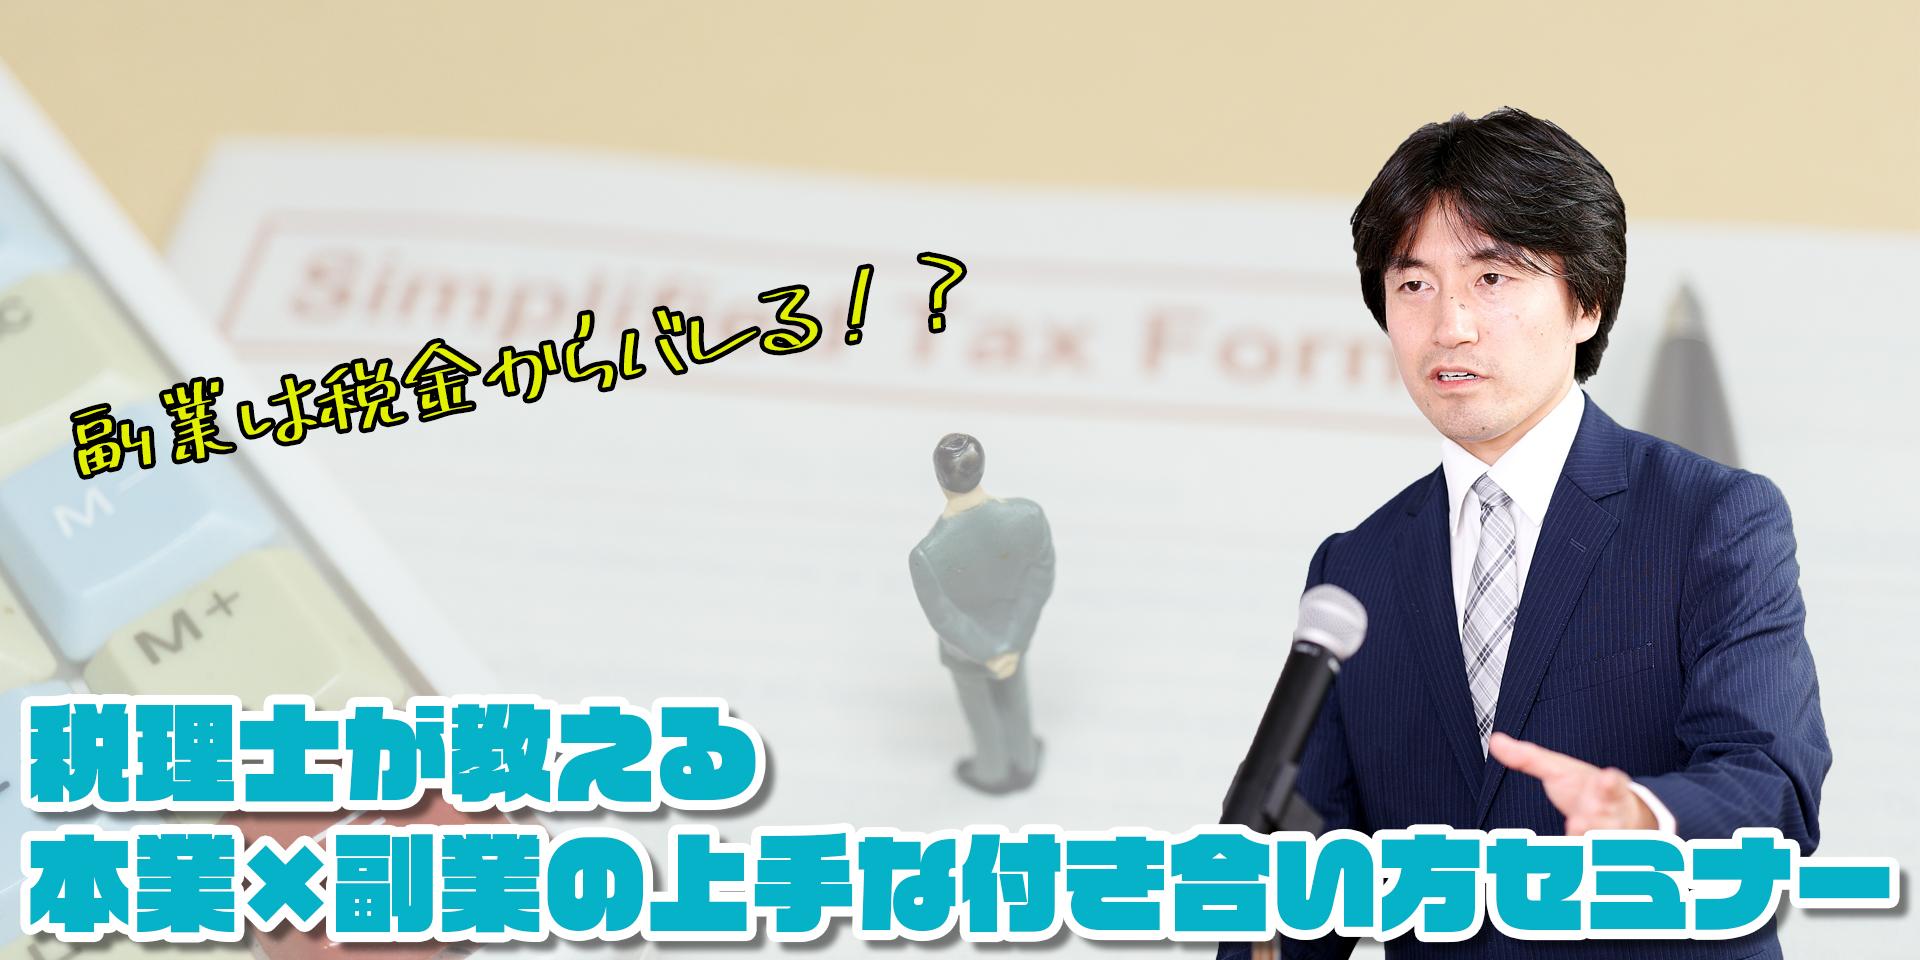 秋田谷税理士セミナー